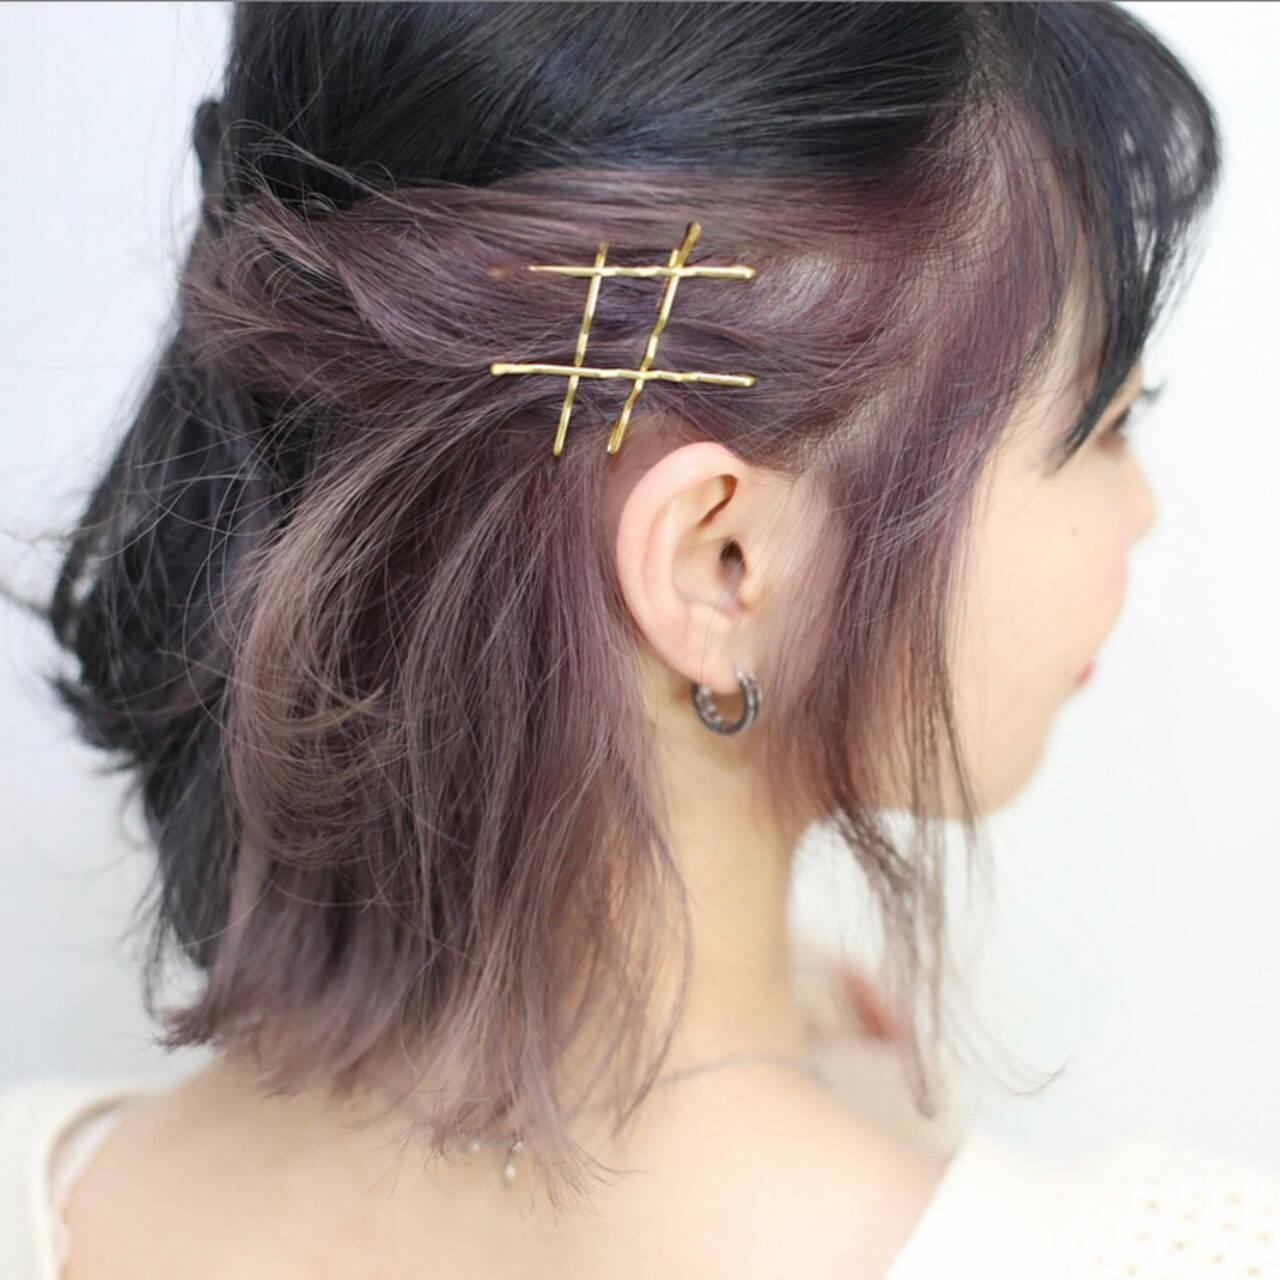 インナーカラー ボブ ヘアアレンジ ハーフアップヘアスタイルや髪型の写真・画像